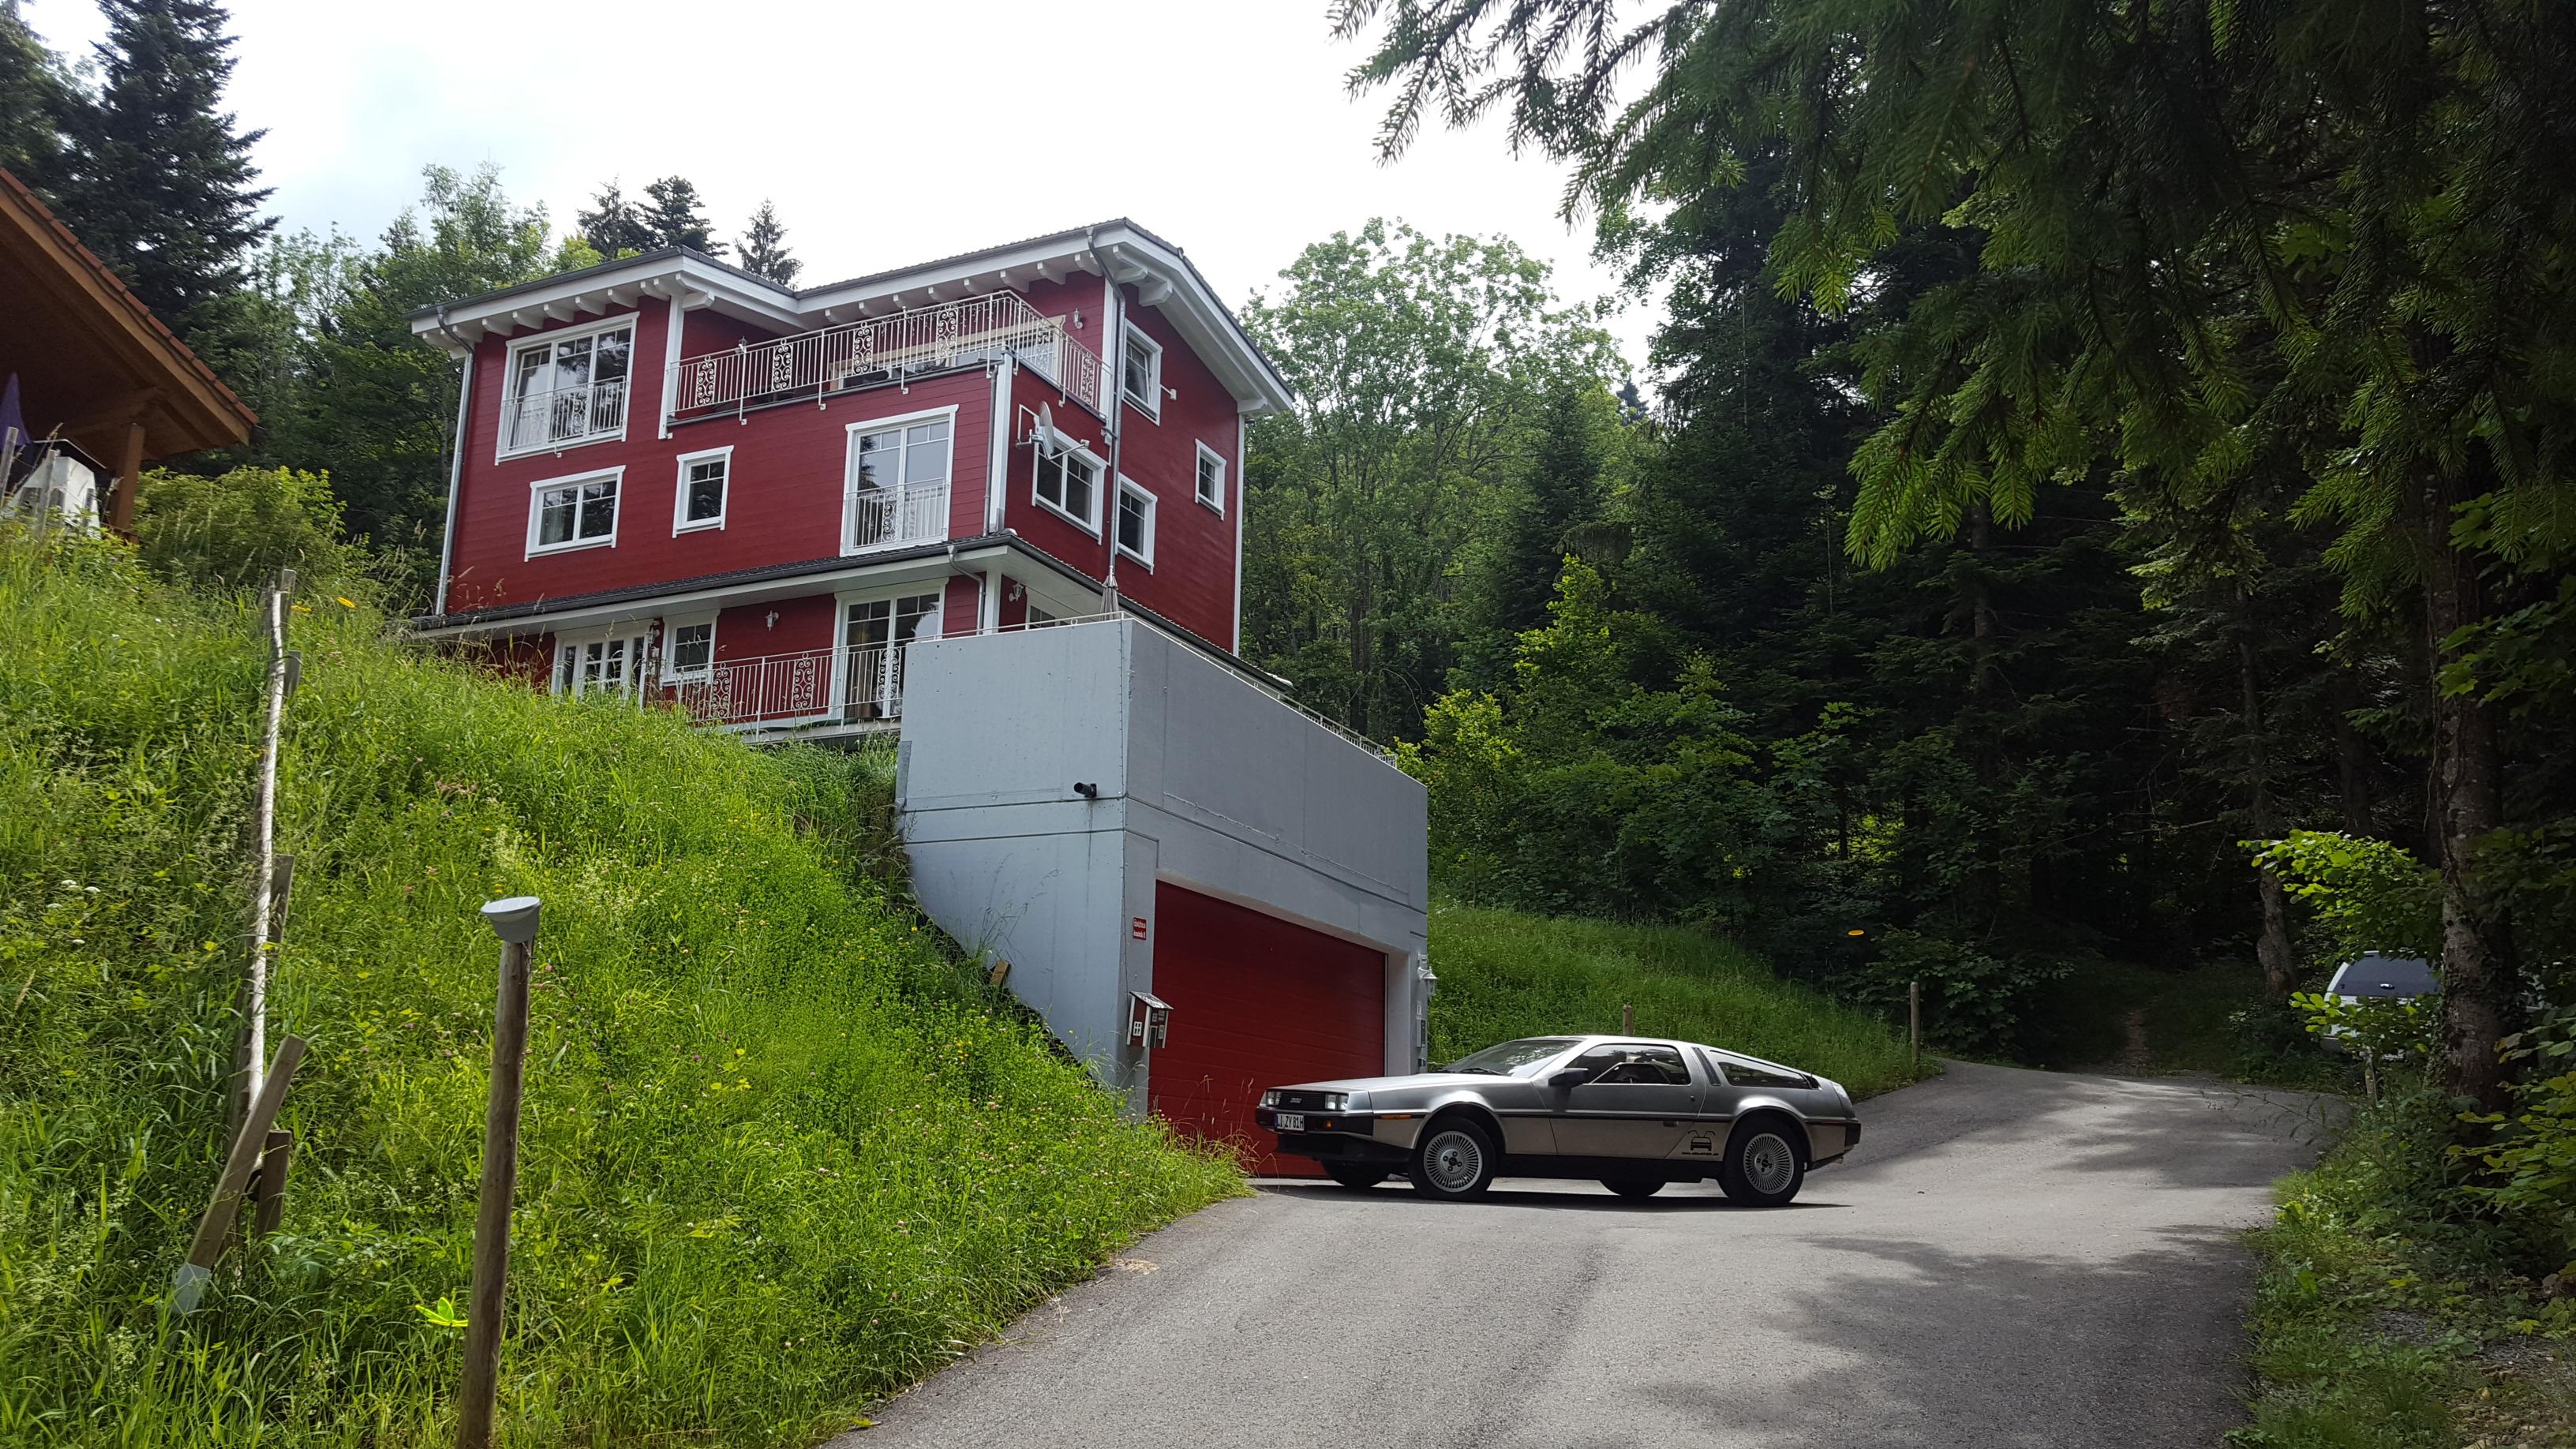 Schwedenhaus mit Delorean